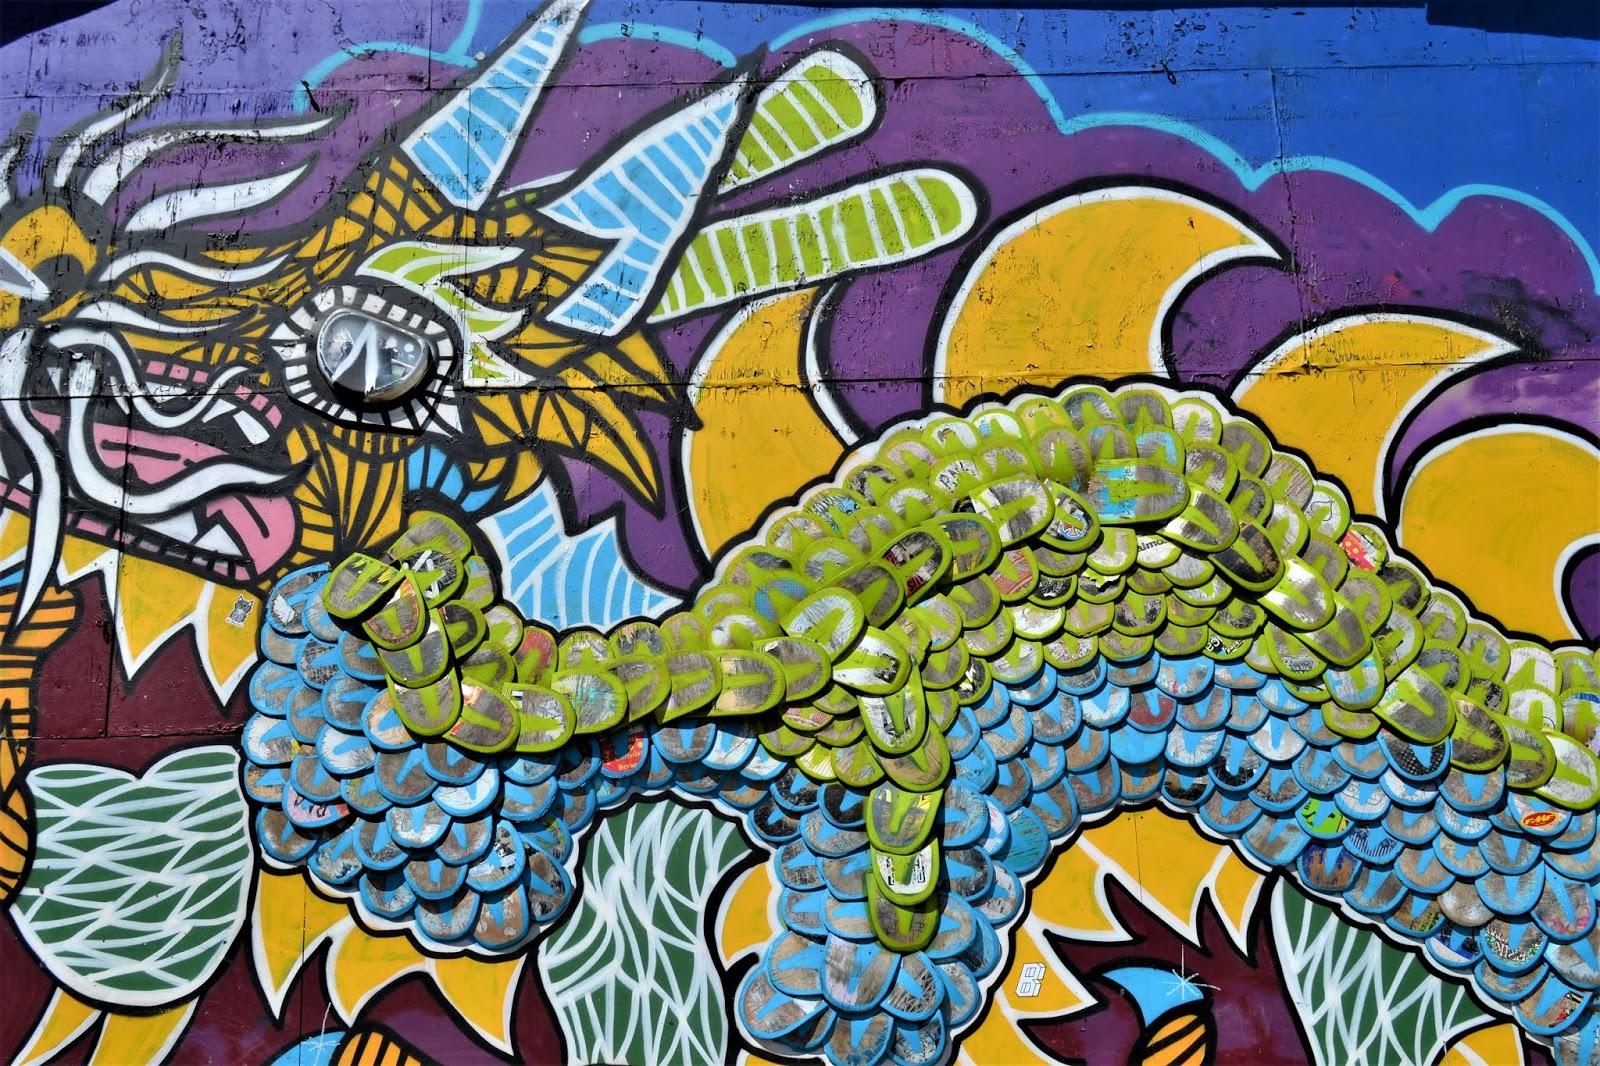 Città libera di Christiania murales